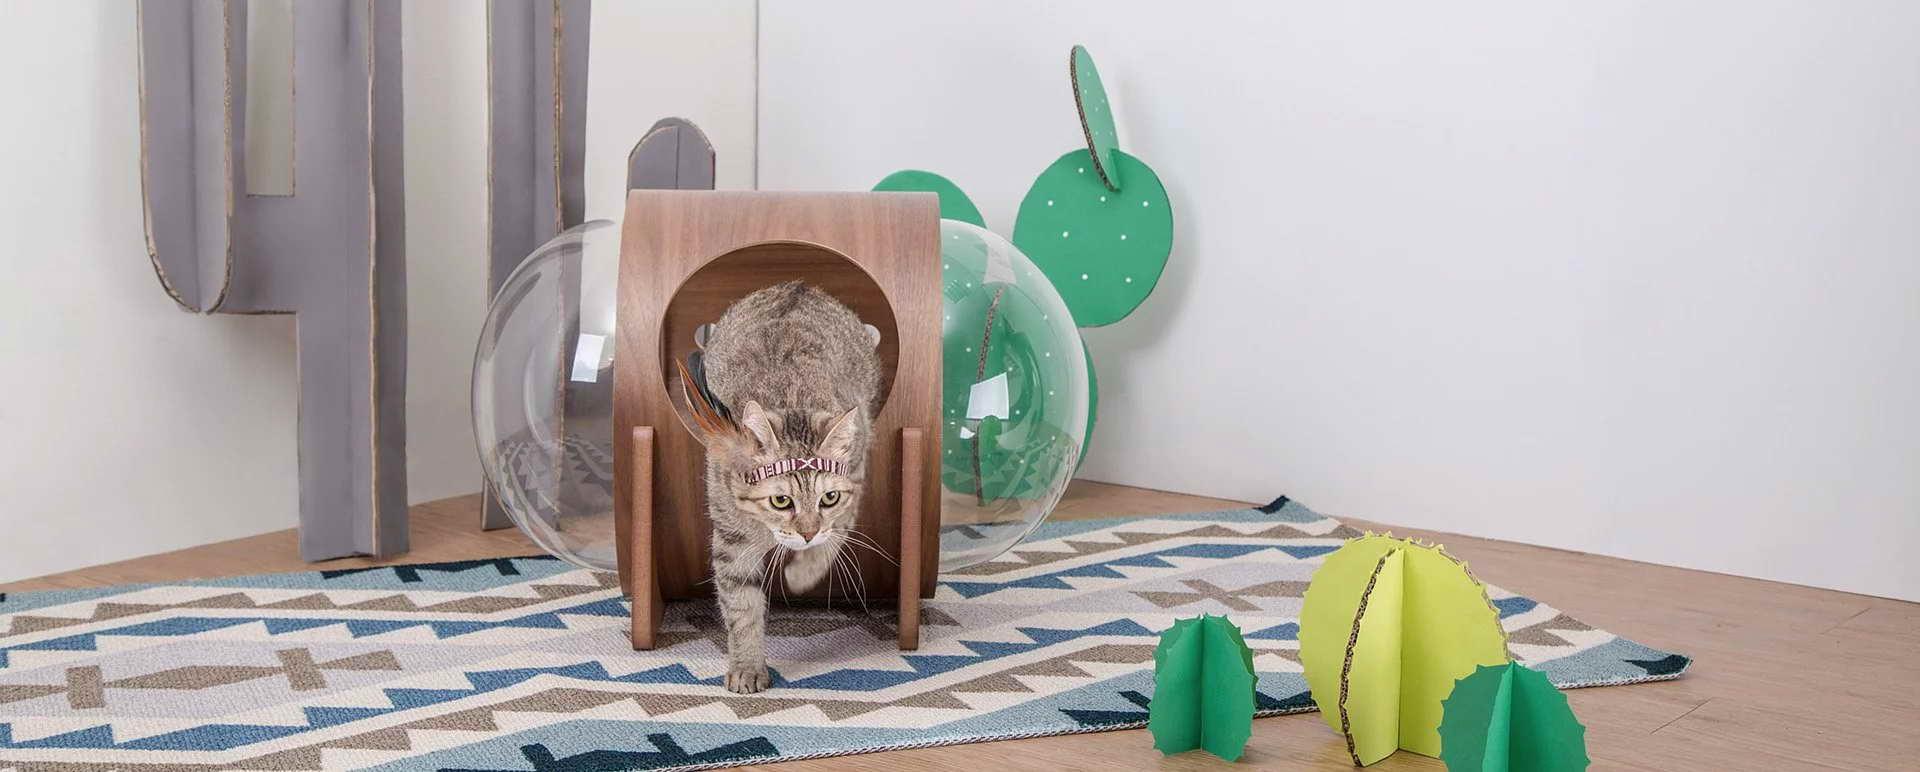 design macska ház - cica űr ház